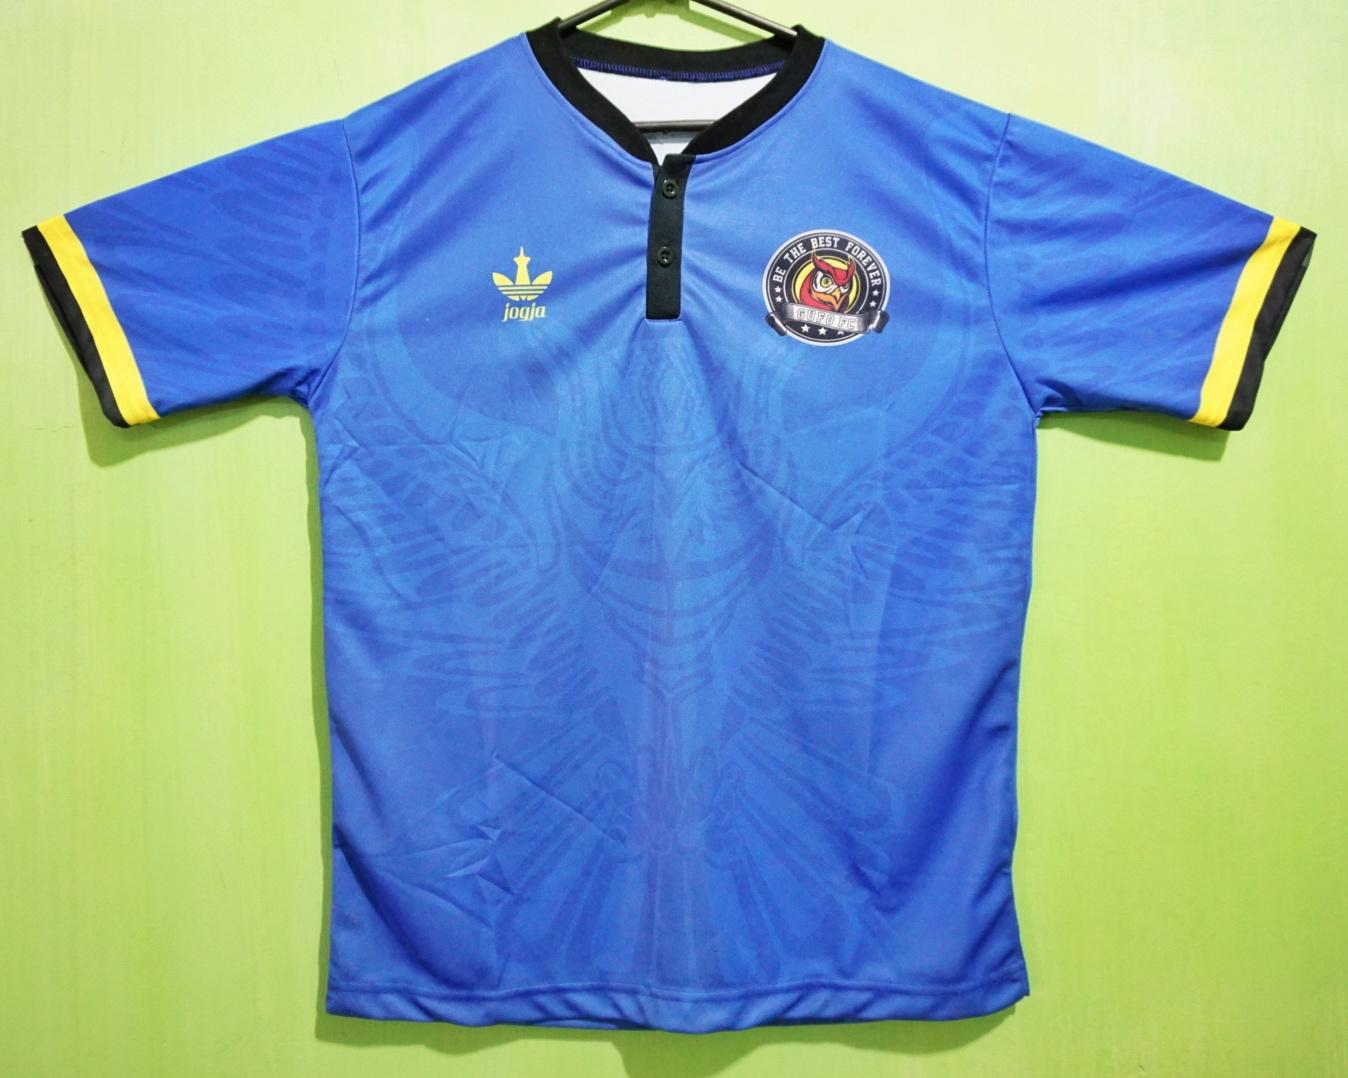 Bikin Jersey Futsal Printing Jogja Rochester Pembuatan Bola Kaos Racingkostum Kostum Futsalkaos